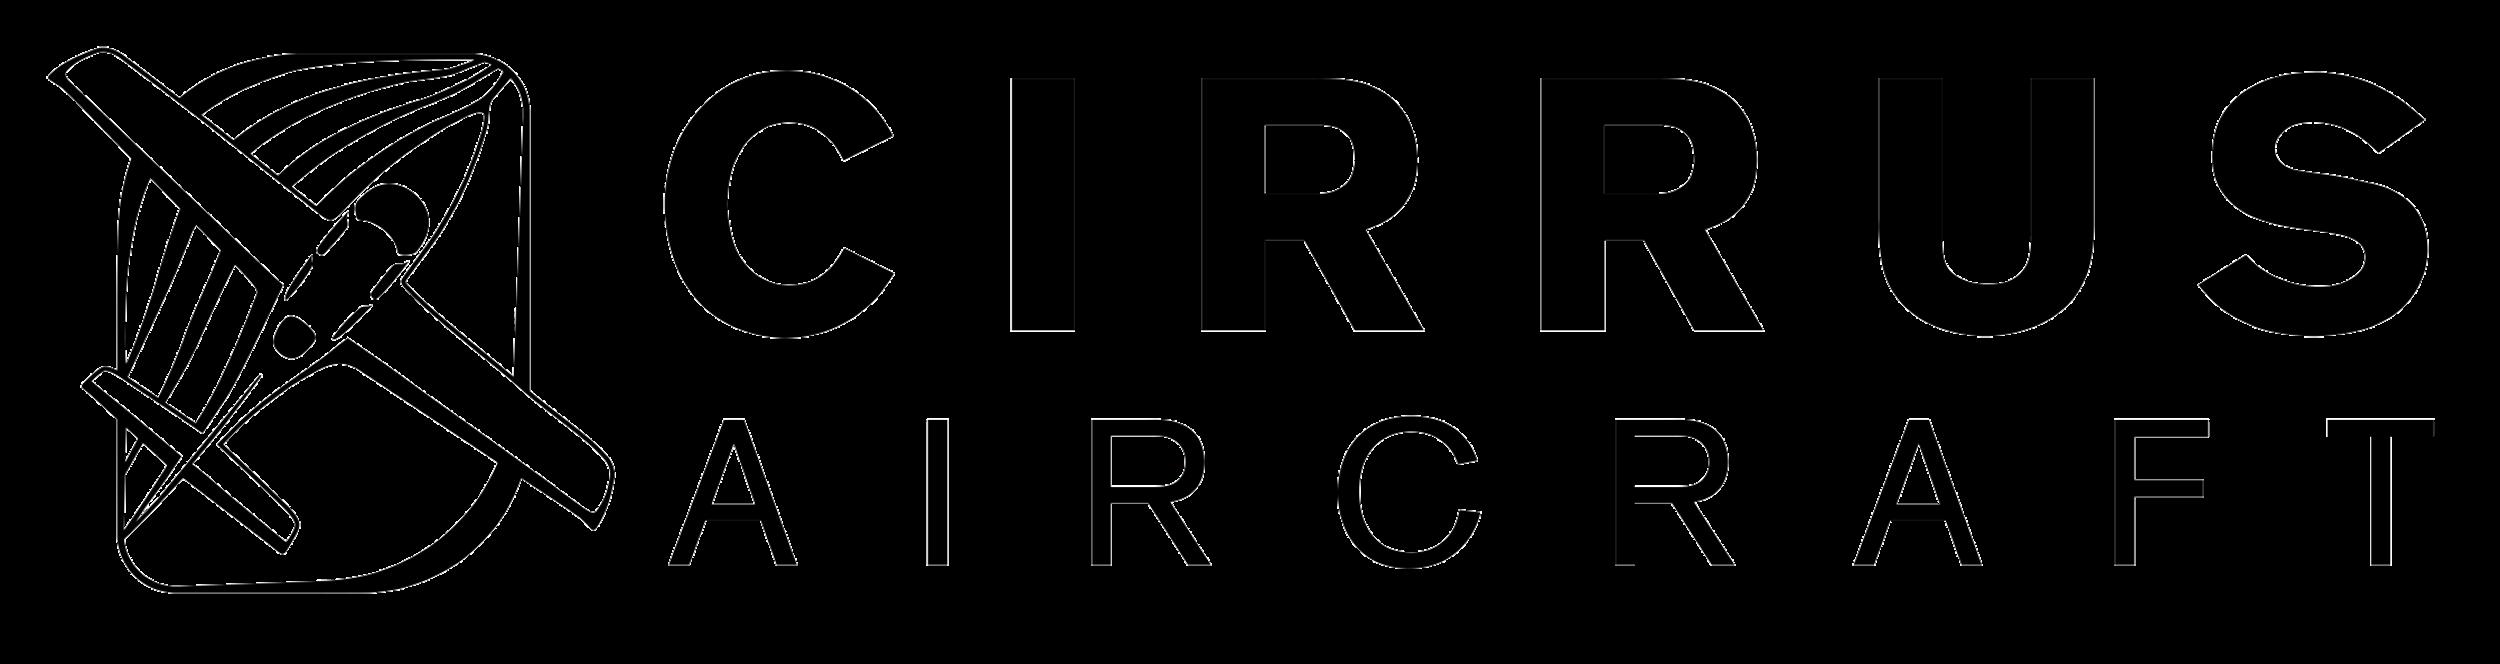 Cirrus_Aircraft_logo.png